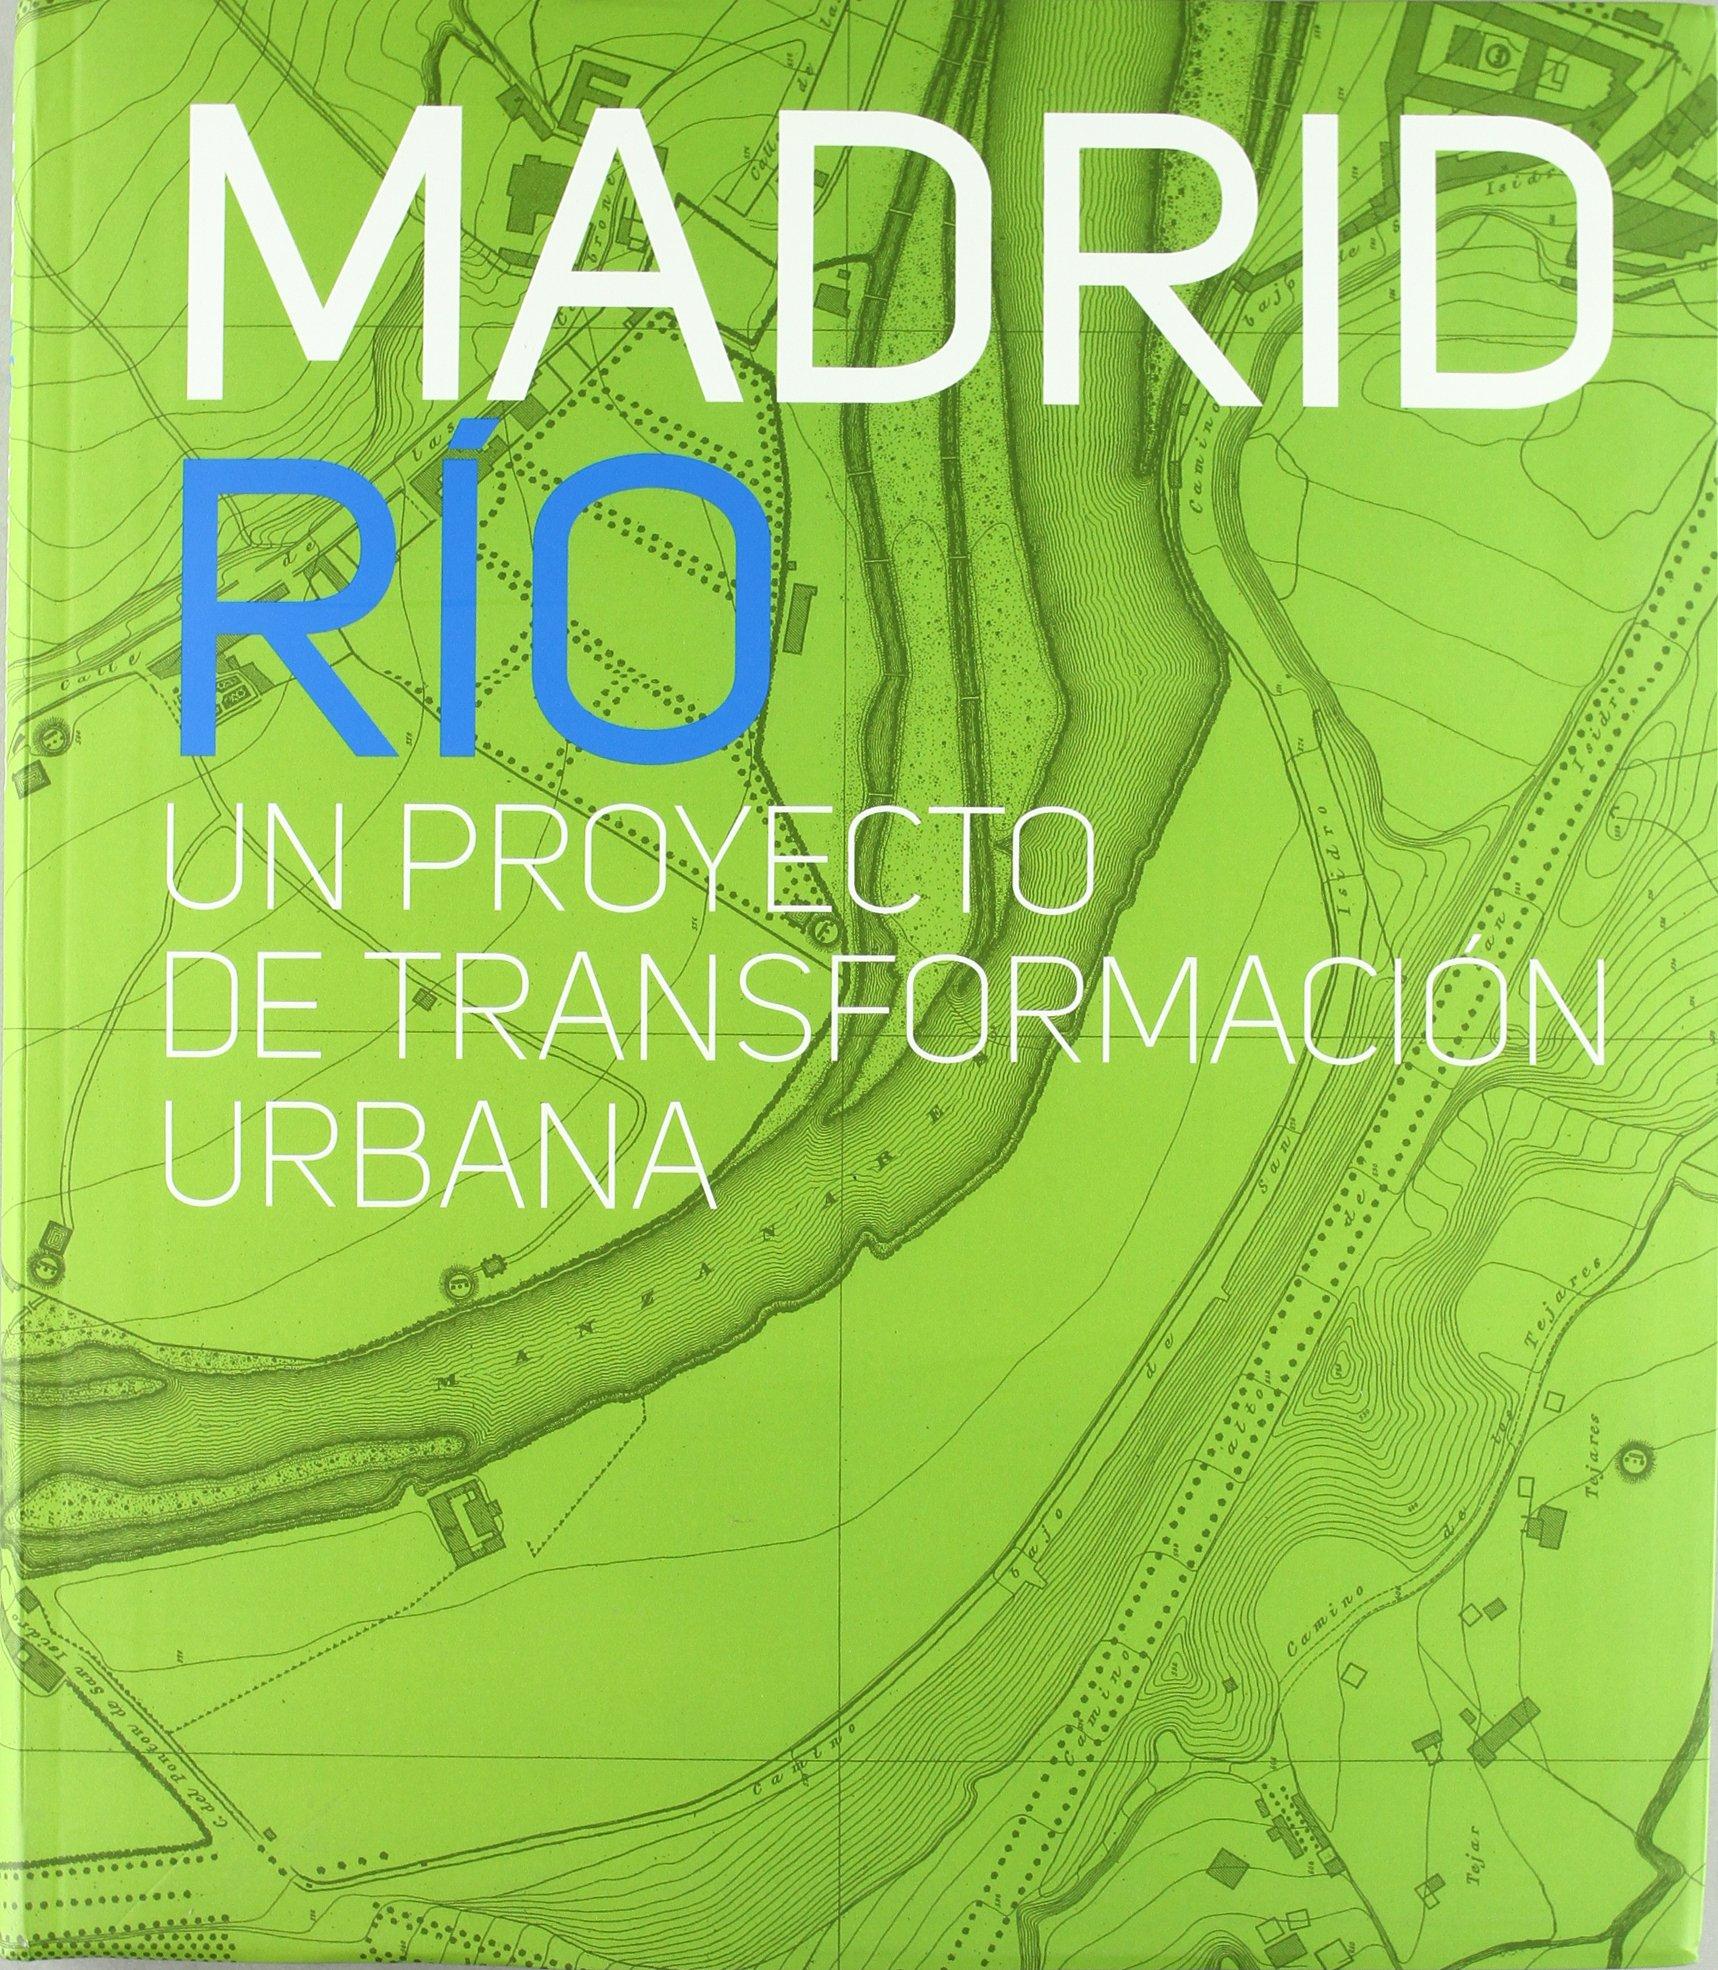 Madrid Rio: Un proyecto de transformación urbana Arte y Fotografía ...